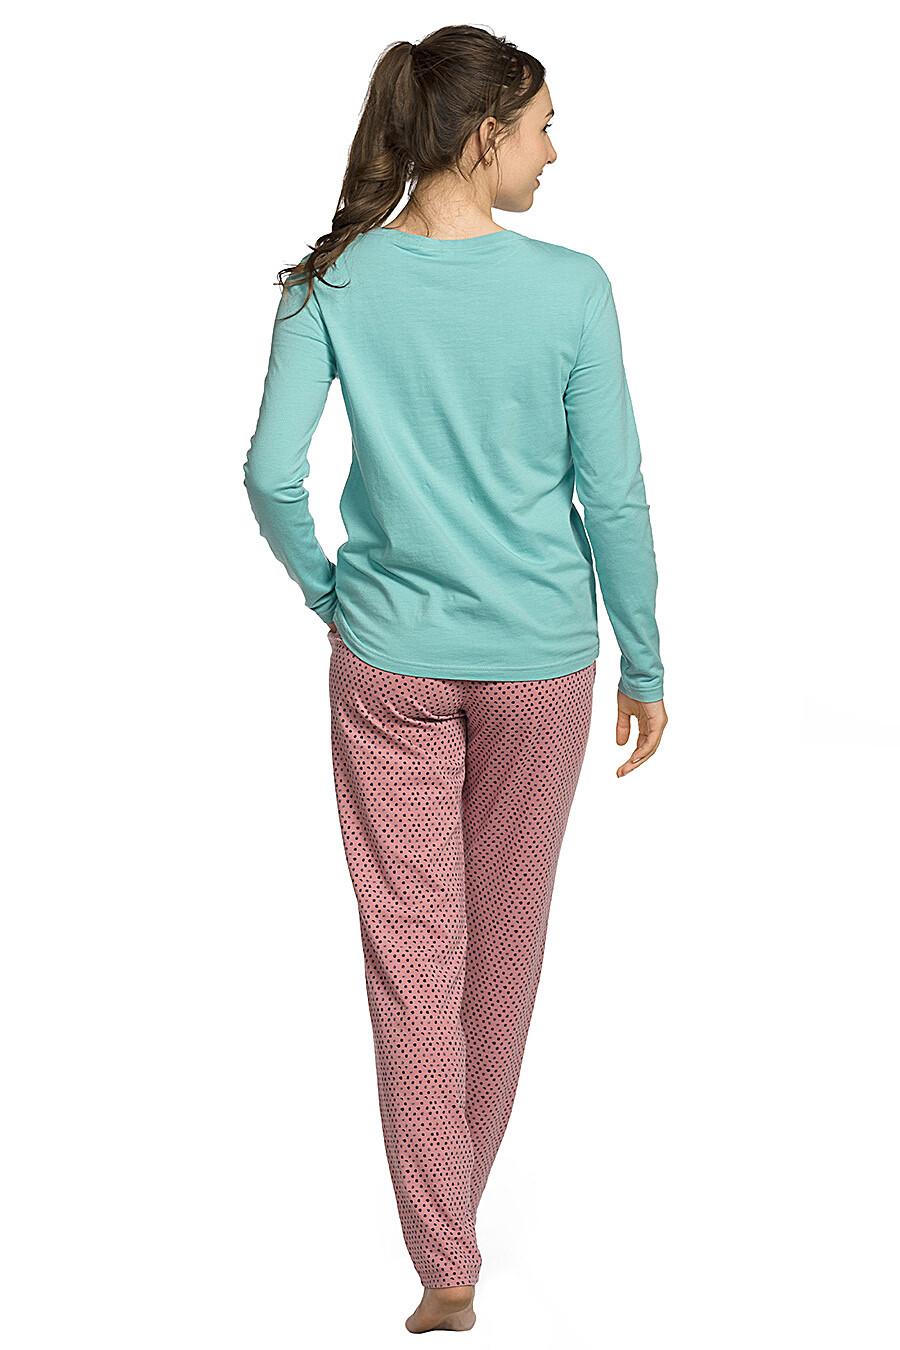 Копмлект (Брюки+Джемпер) для женщин PELICAN 146639 купить оптом от производителя. Совместная покупка женской одежды в OptMoyo